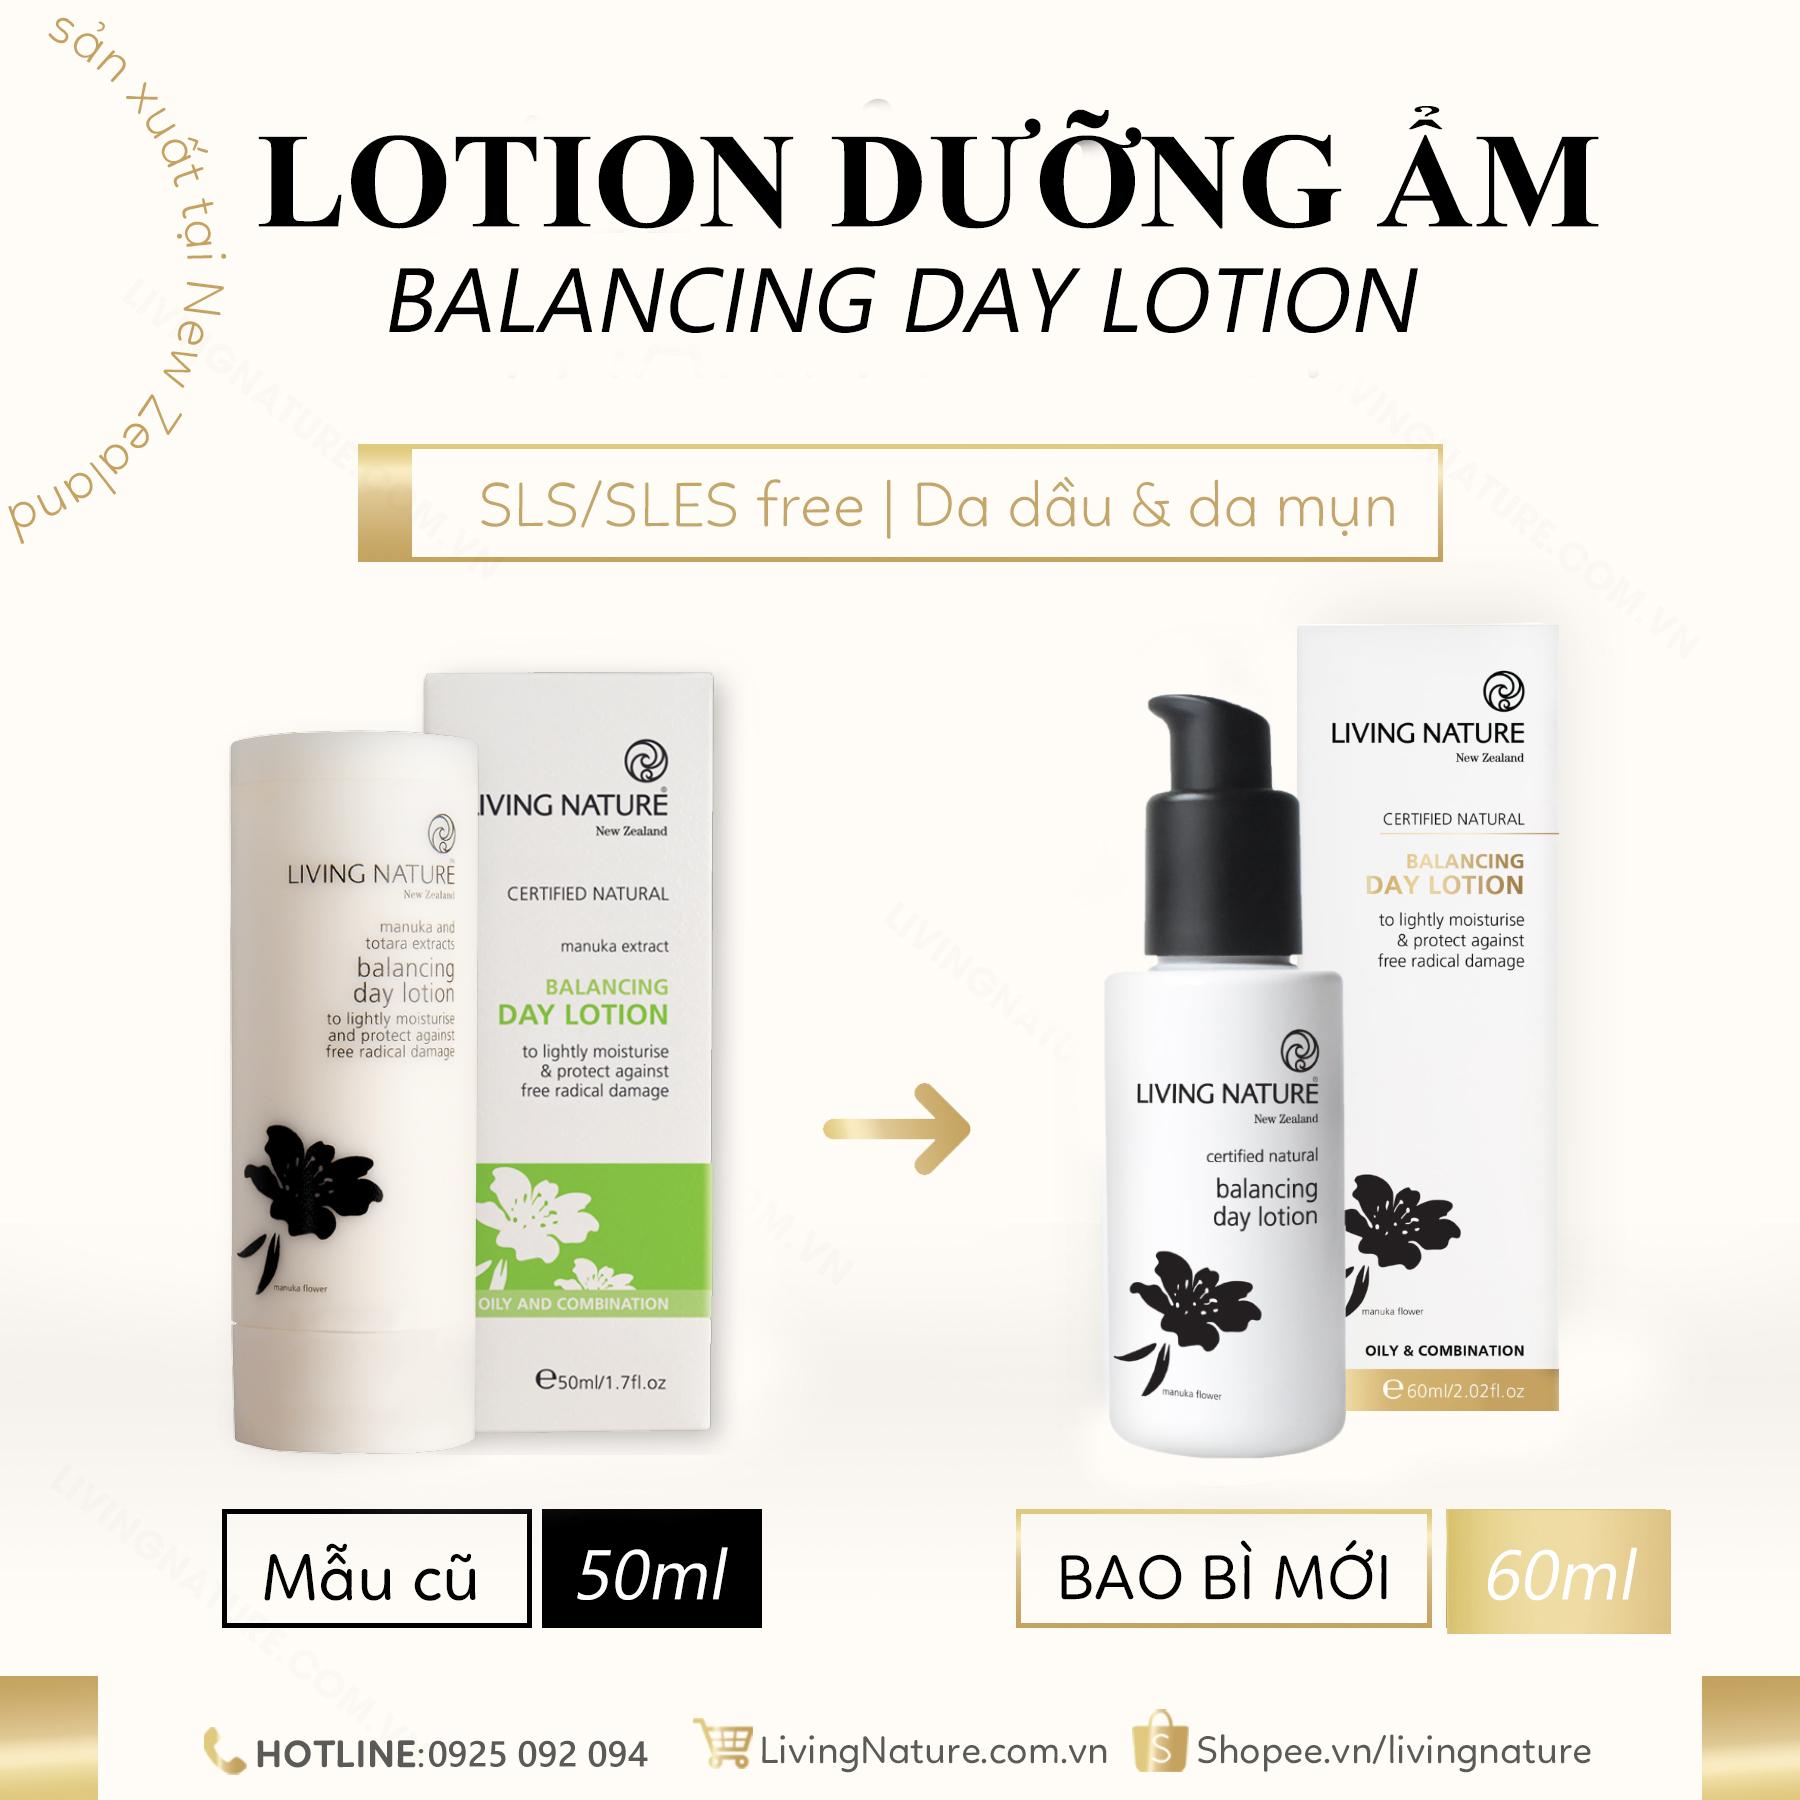 Lotion dưỡng ẩm da dầu mụn Balancing Day Lotion 60ml 2021